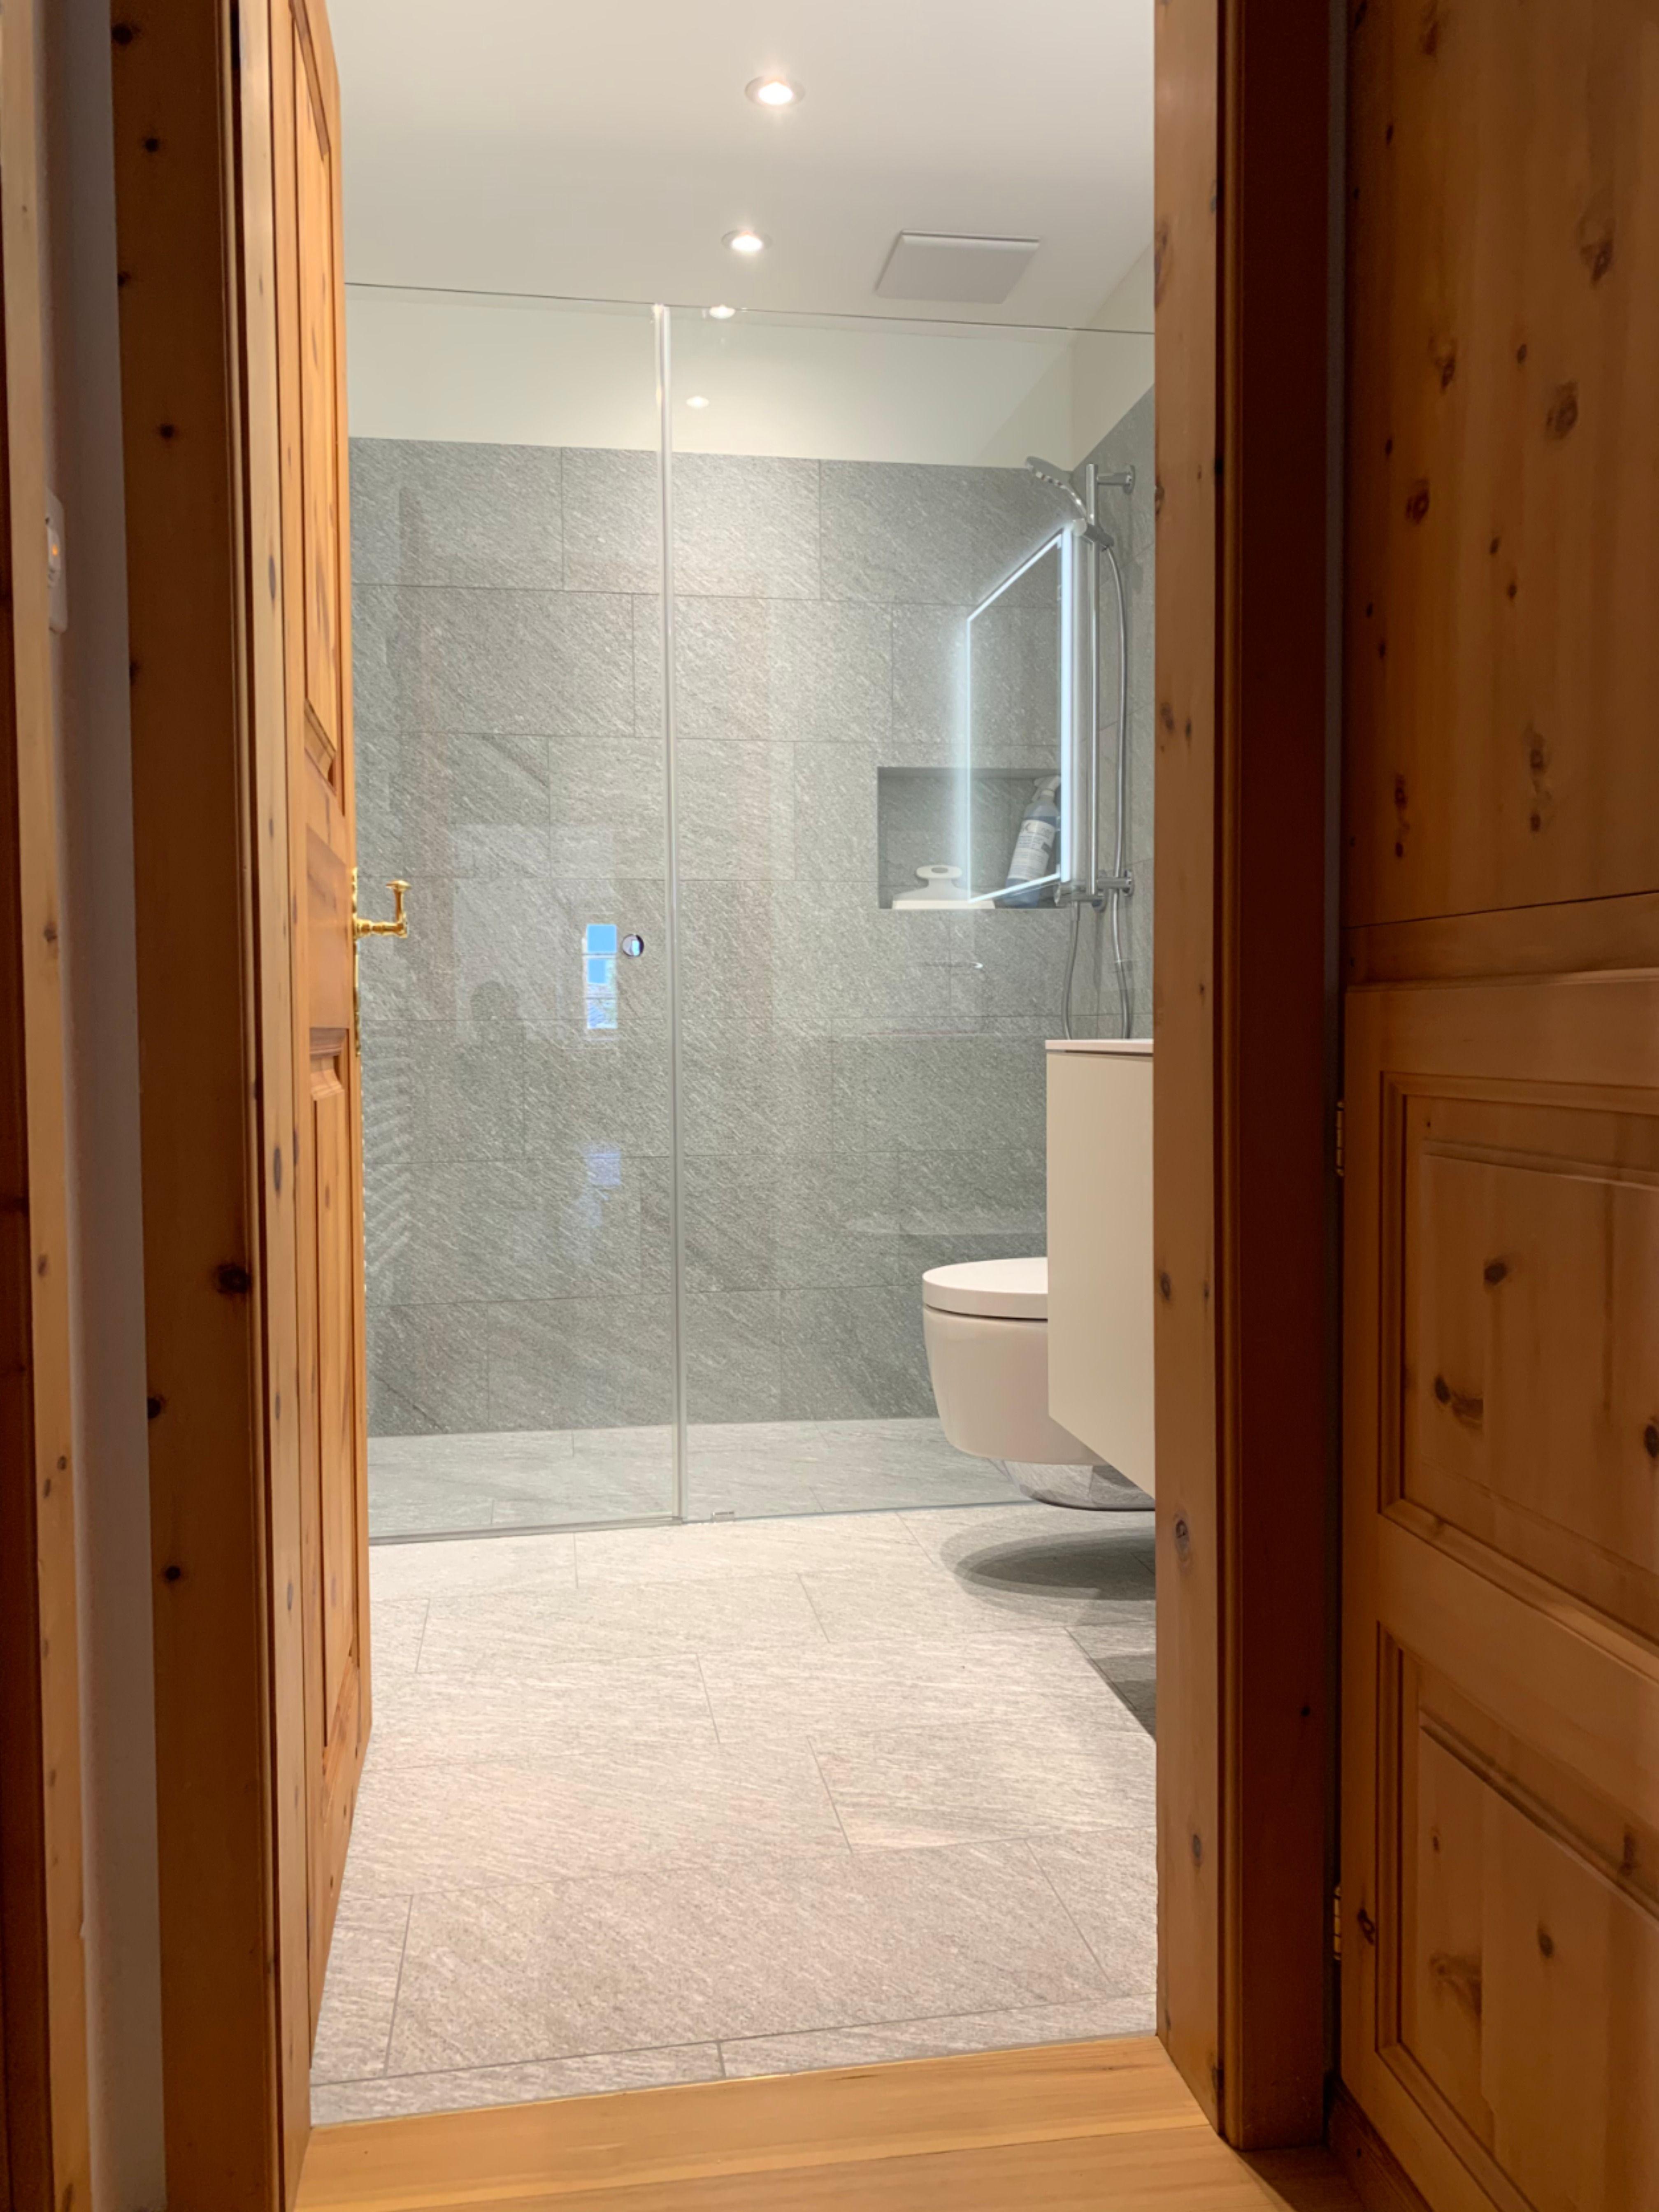 Unternehmen Glasduschen Minimalistisches Badezimmer Und Minimalistisch